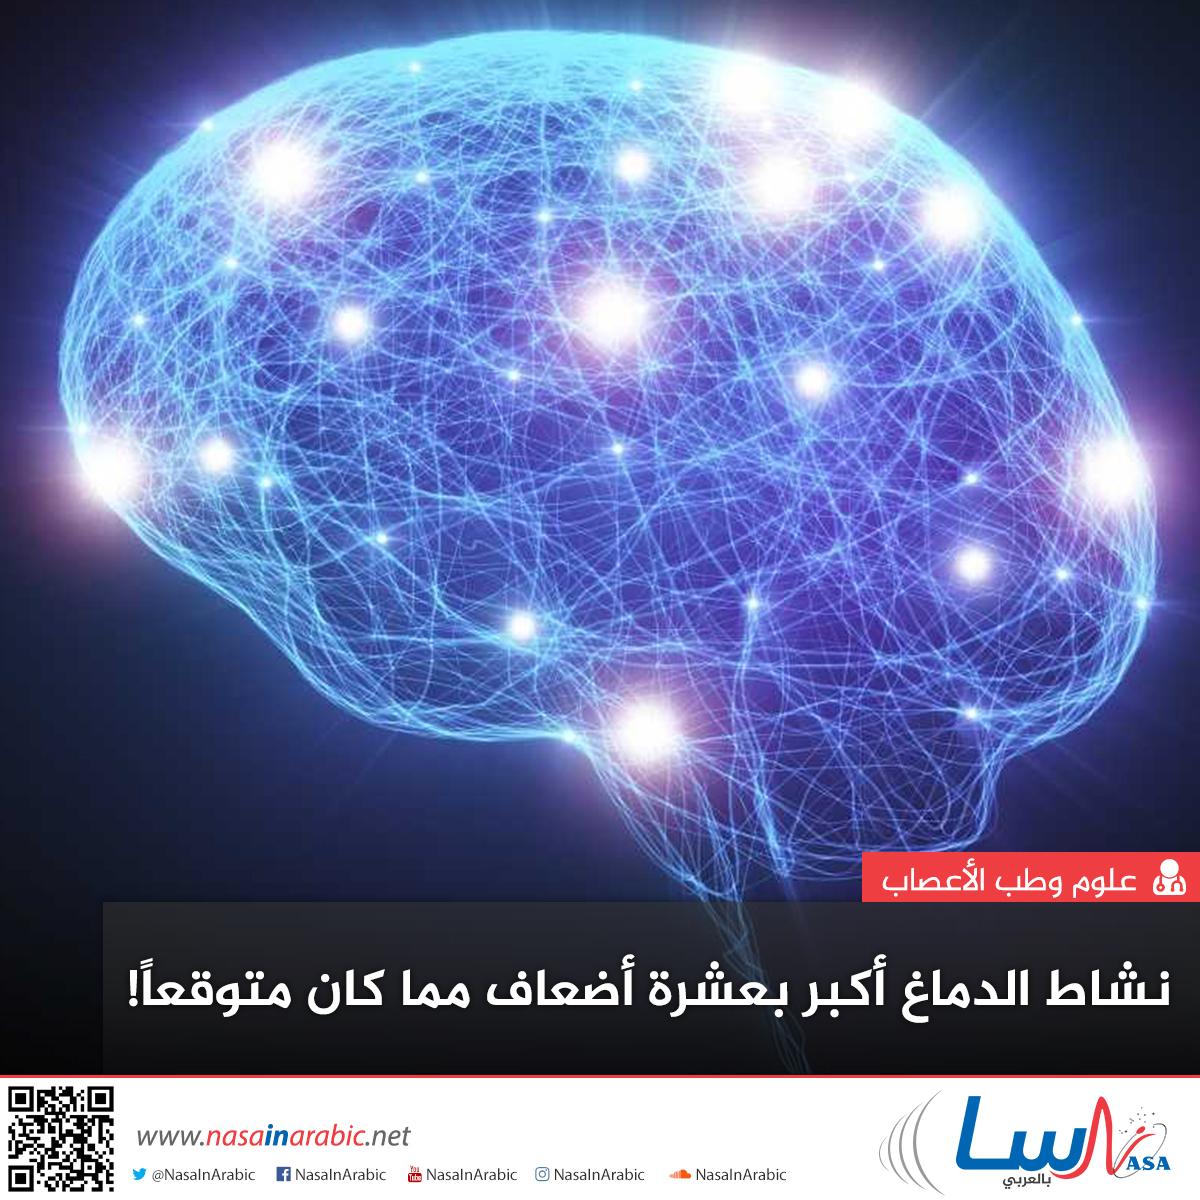 نشاط الدماغ أكبر بعشرة أضعاف مما كان متوقعًا!